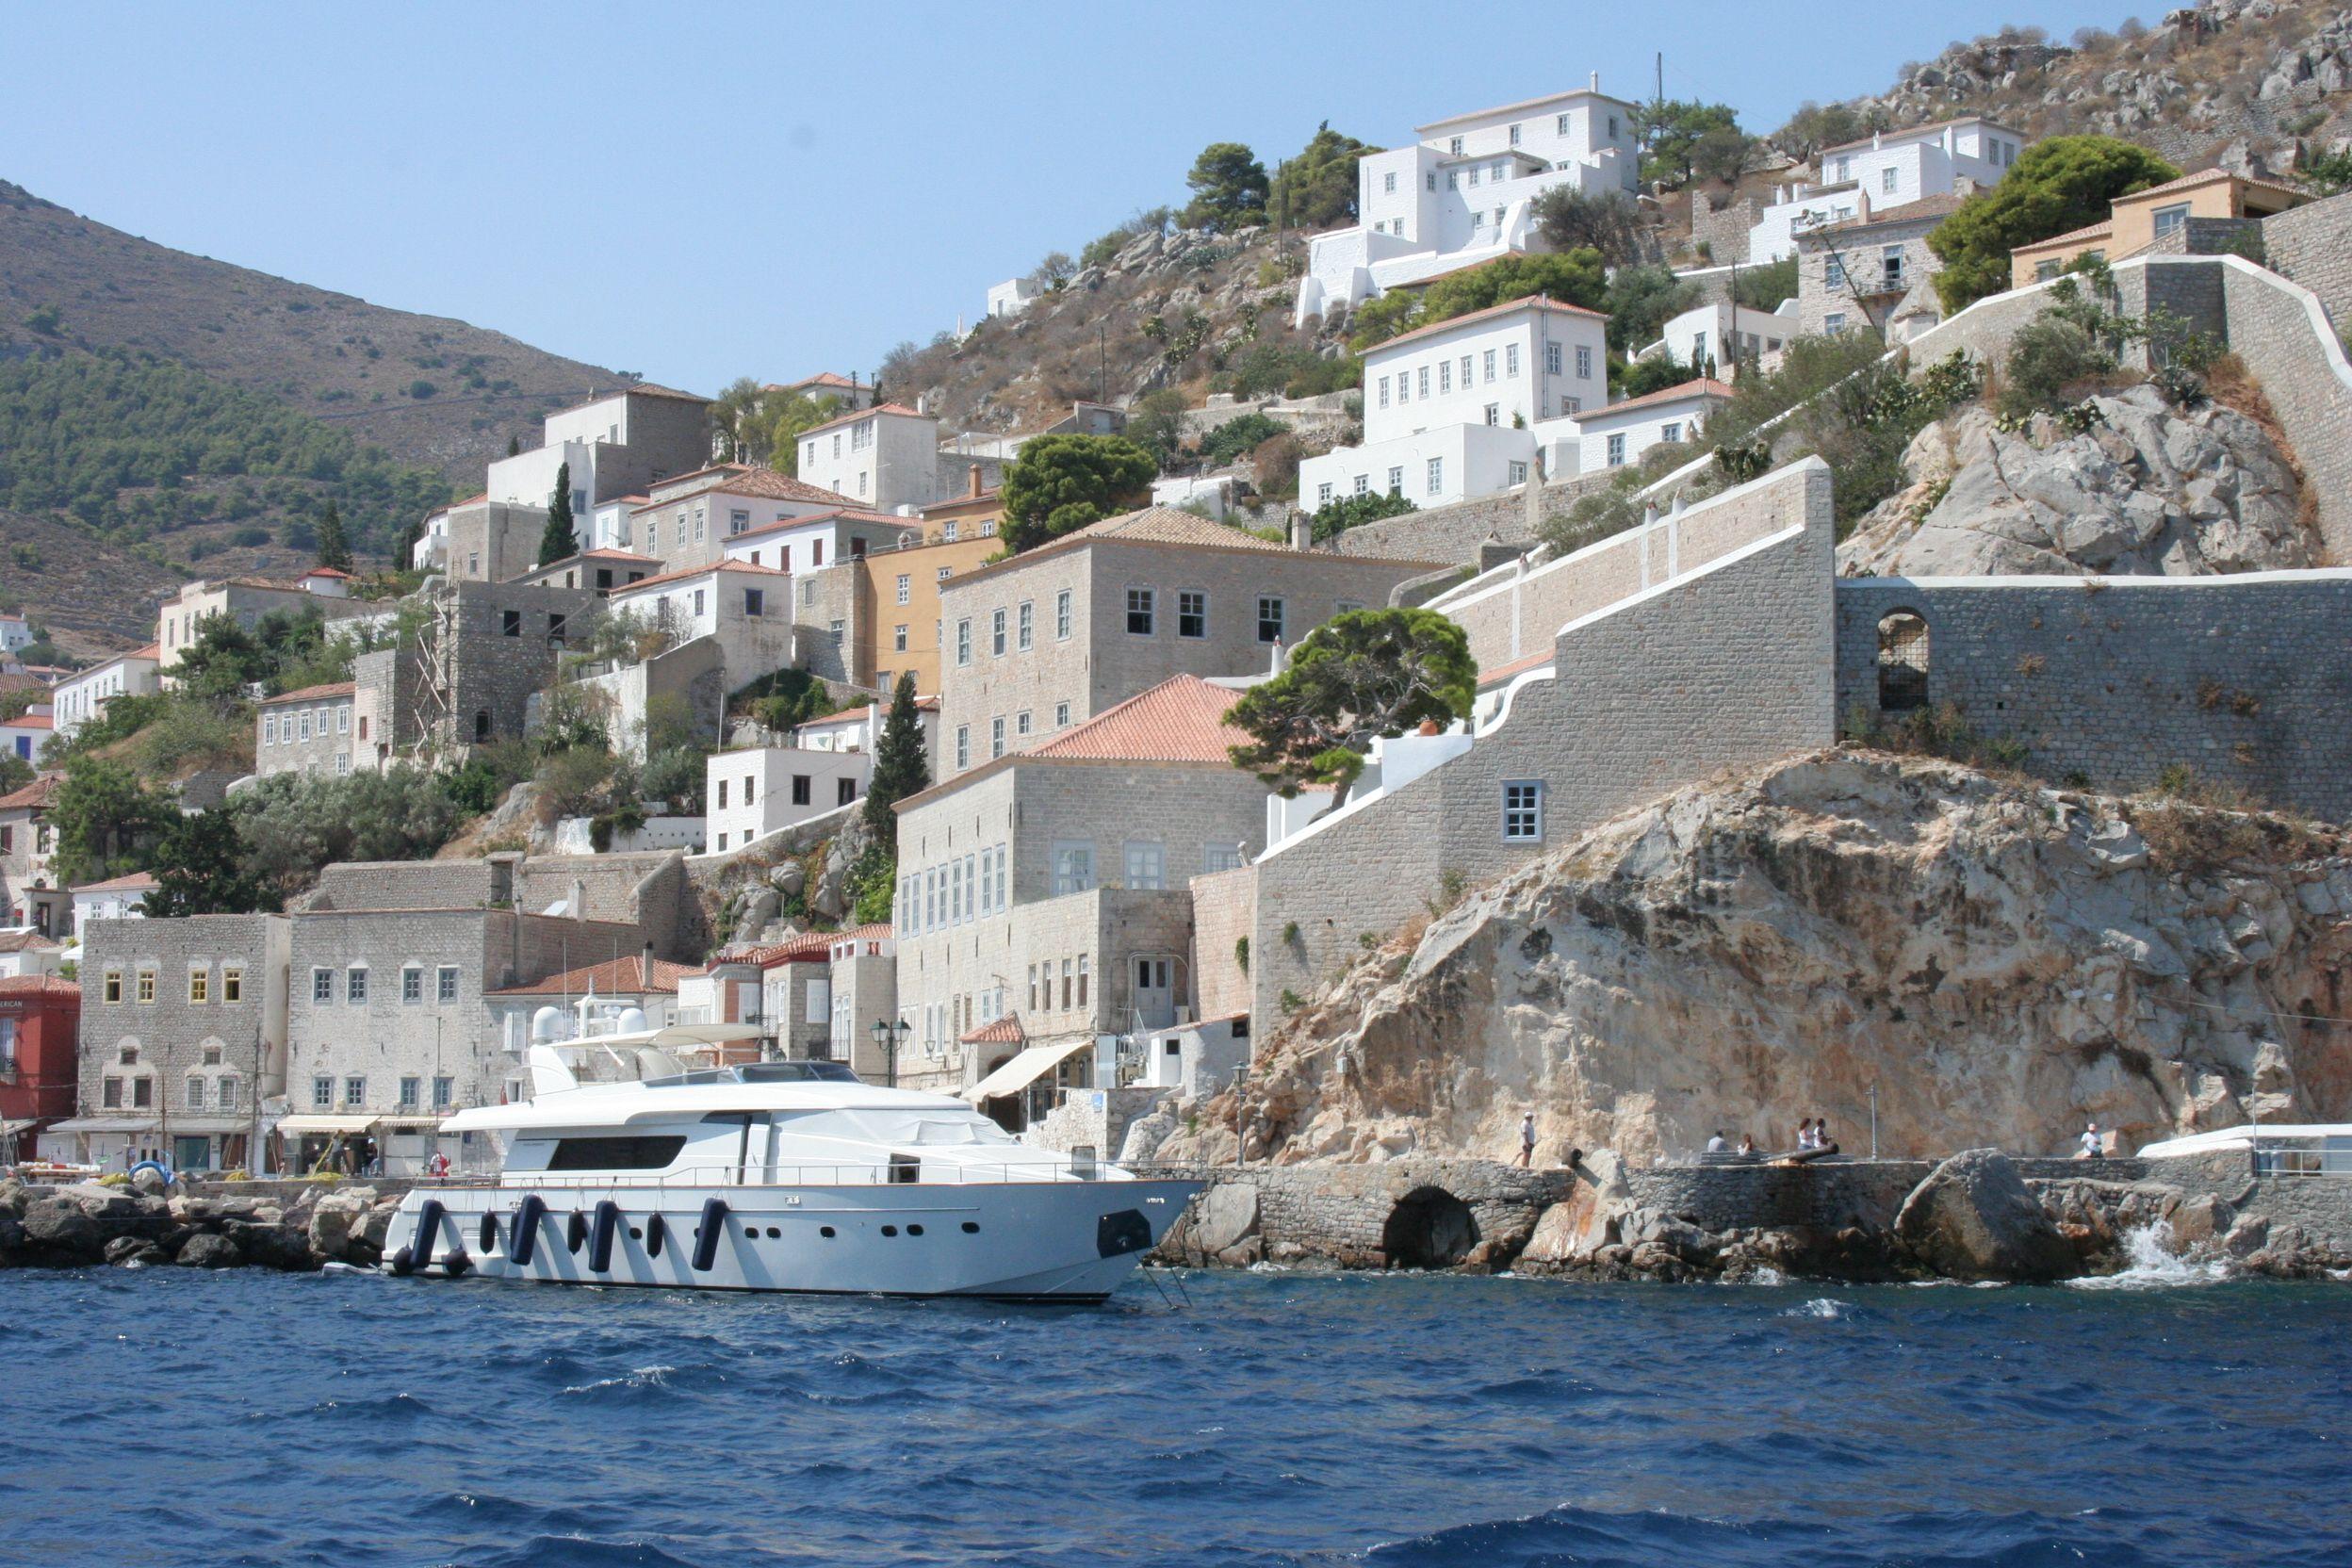 Inspectorii fiscali, atacati cu pietre pe o insula din Grecia